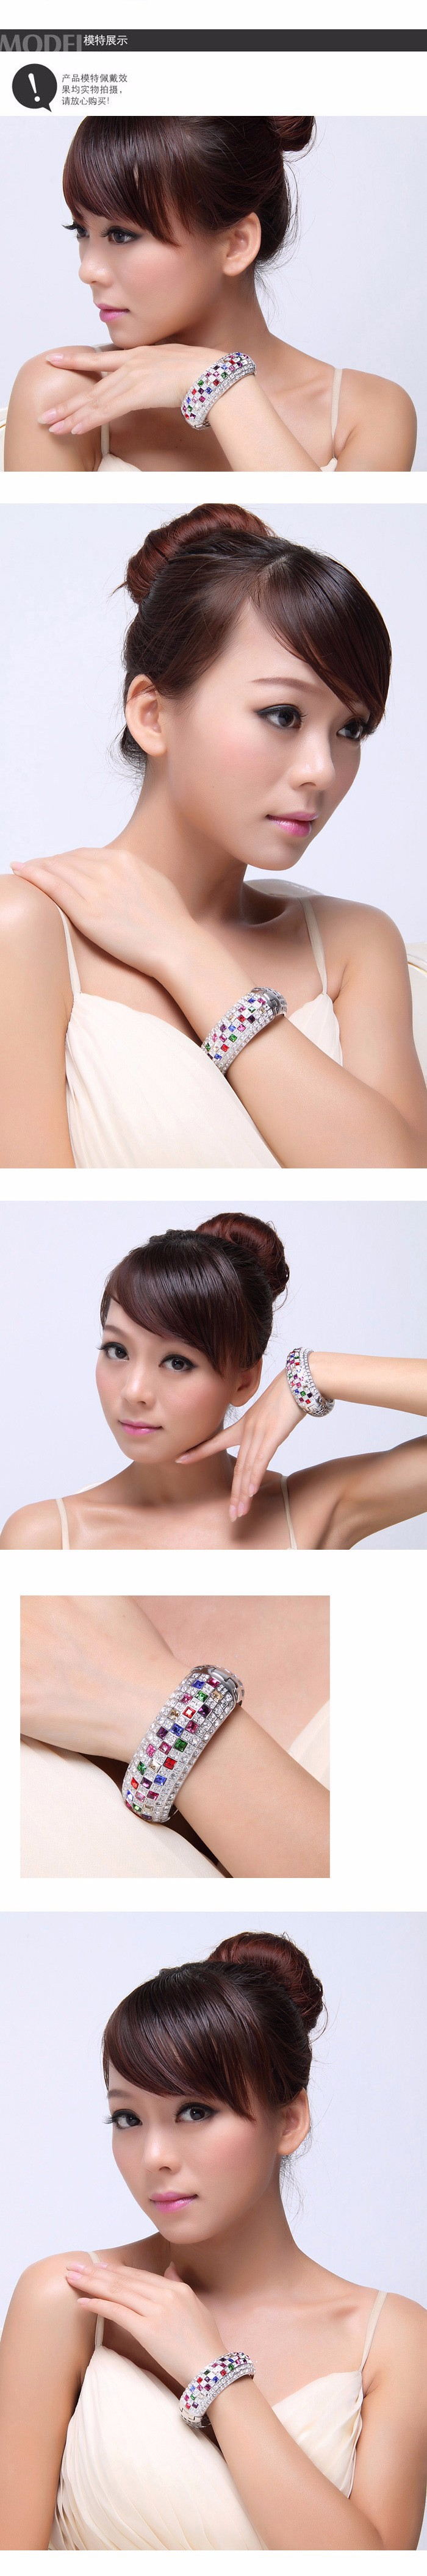 модный элегантный роскошный браслет королева сделано с австрийскими кристаллами от Сваровски для новогодние товары подарок